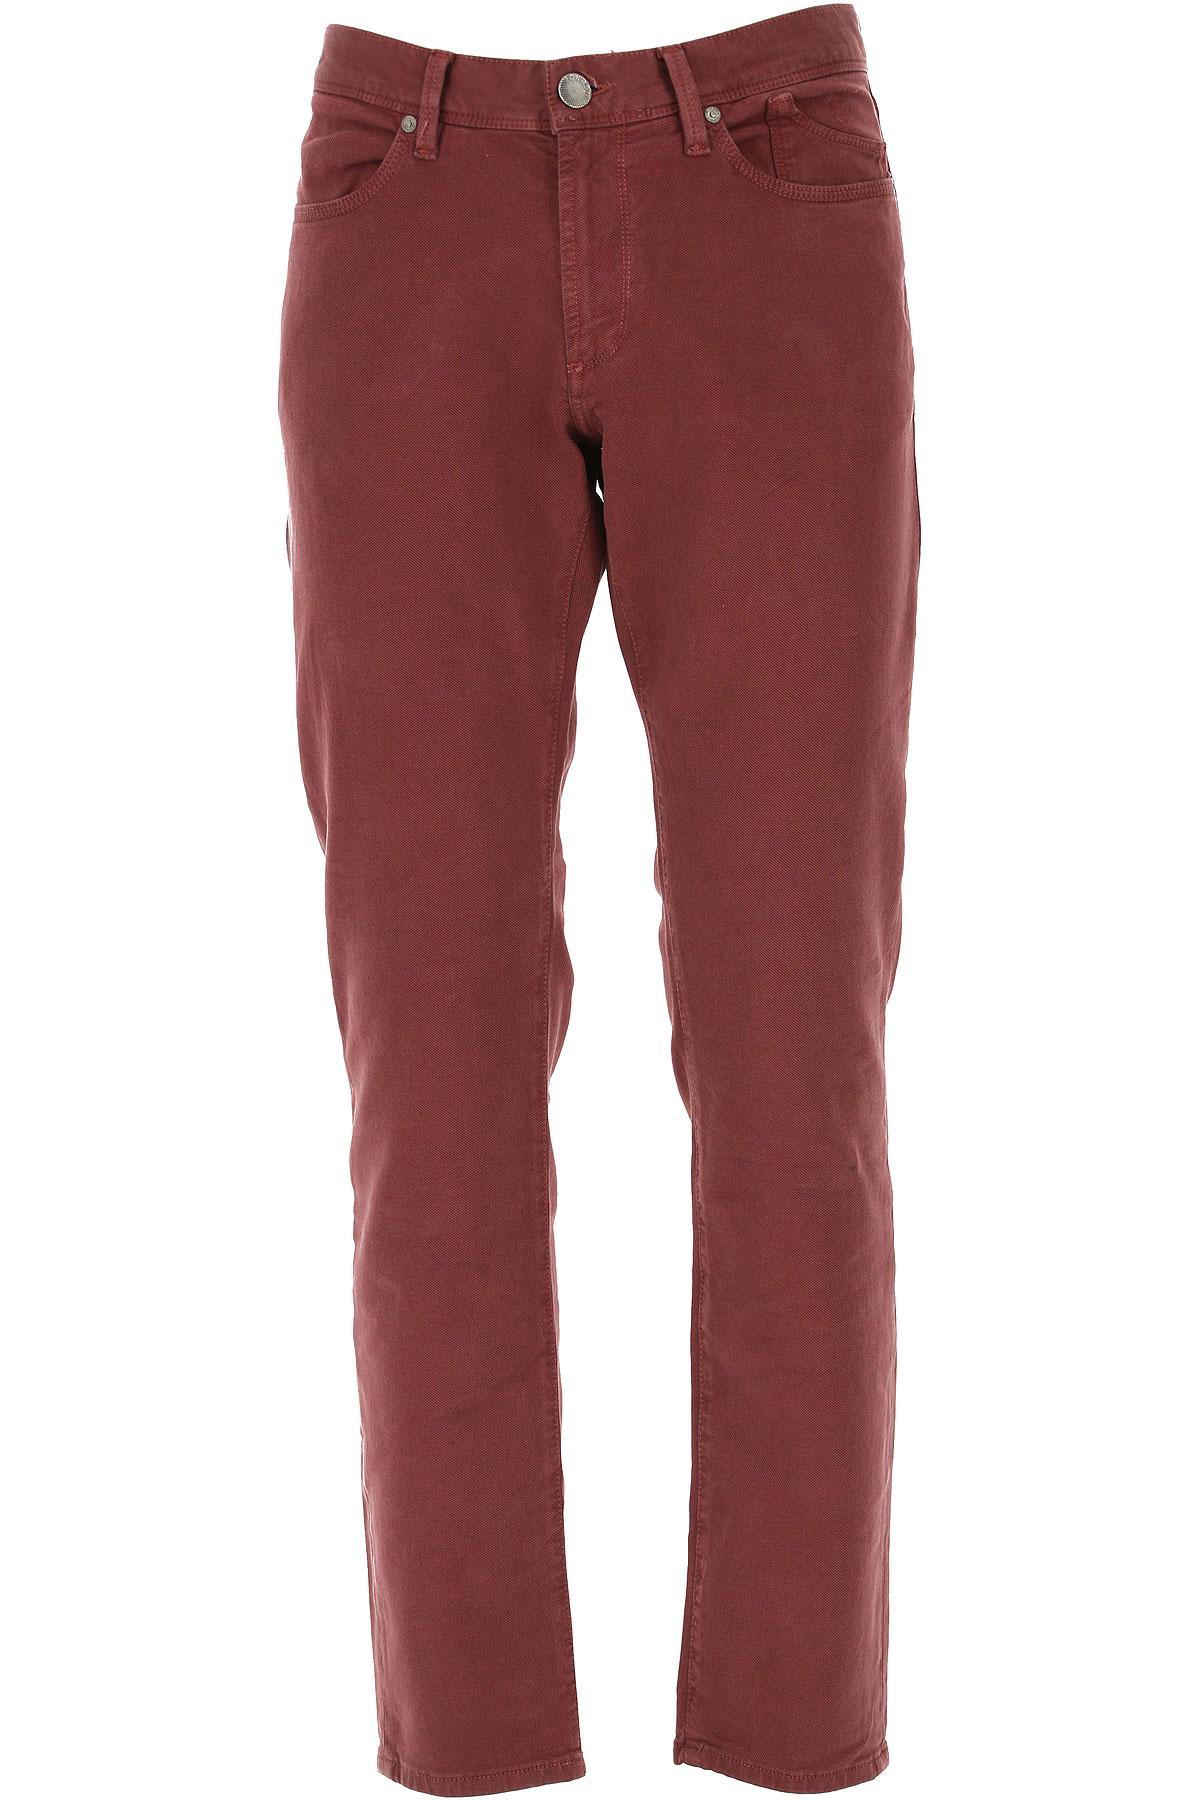 Jeckerson Pants for Men On Sale, Garnet, Cotton, 2019, 30 33 34 38